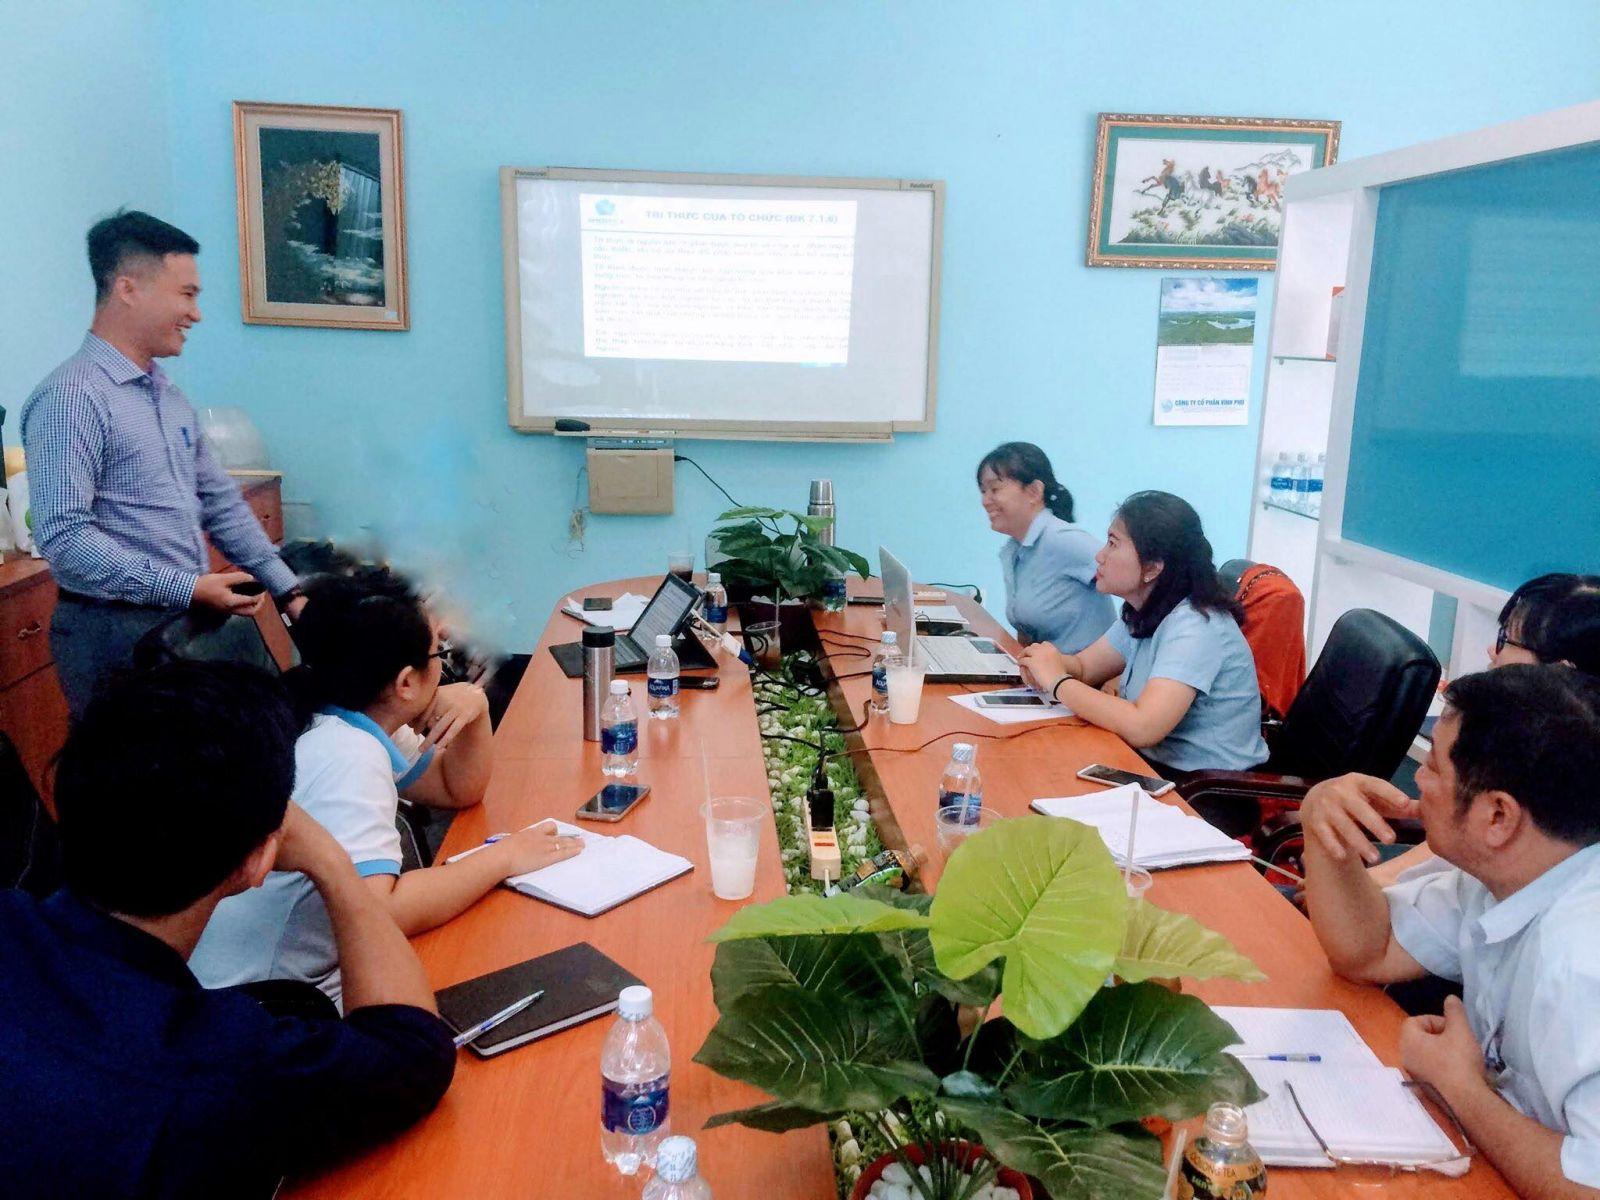 Chủ động giải pháp 'tự giải cứu' vượt qua đại dịch bằng công cụ mô hình Nhóm huấn luyện - TWI